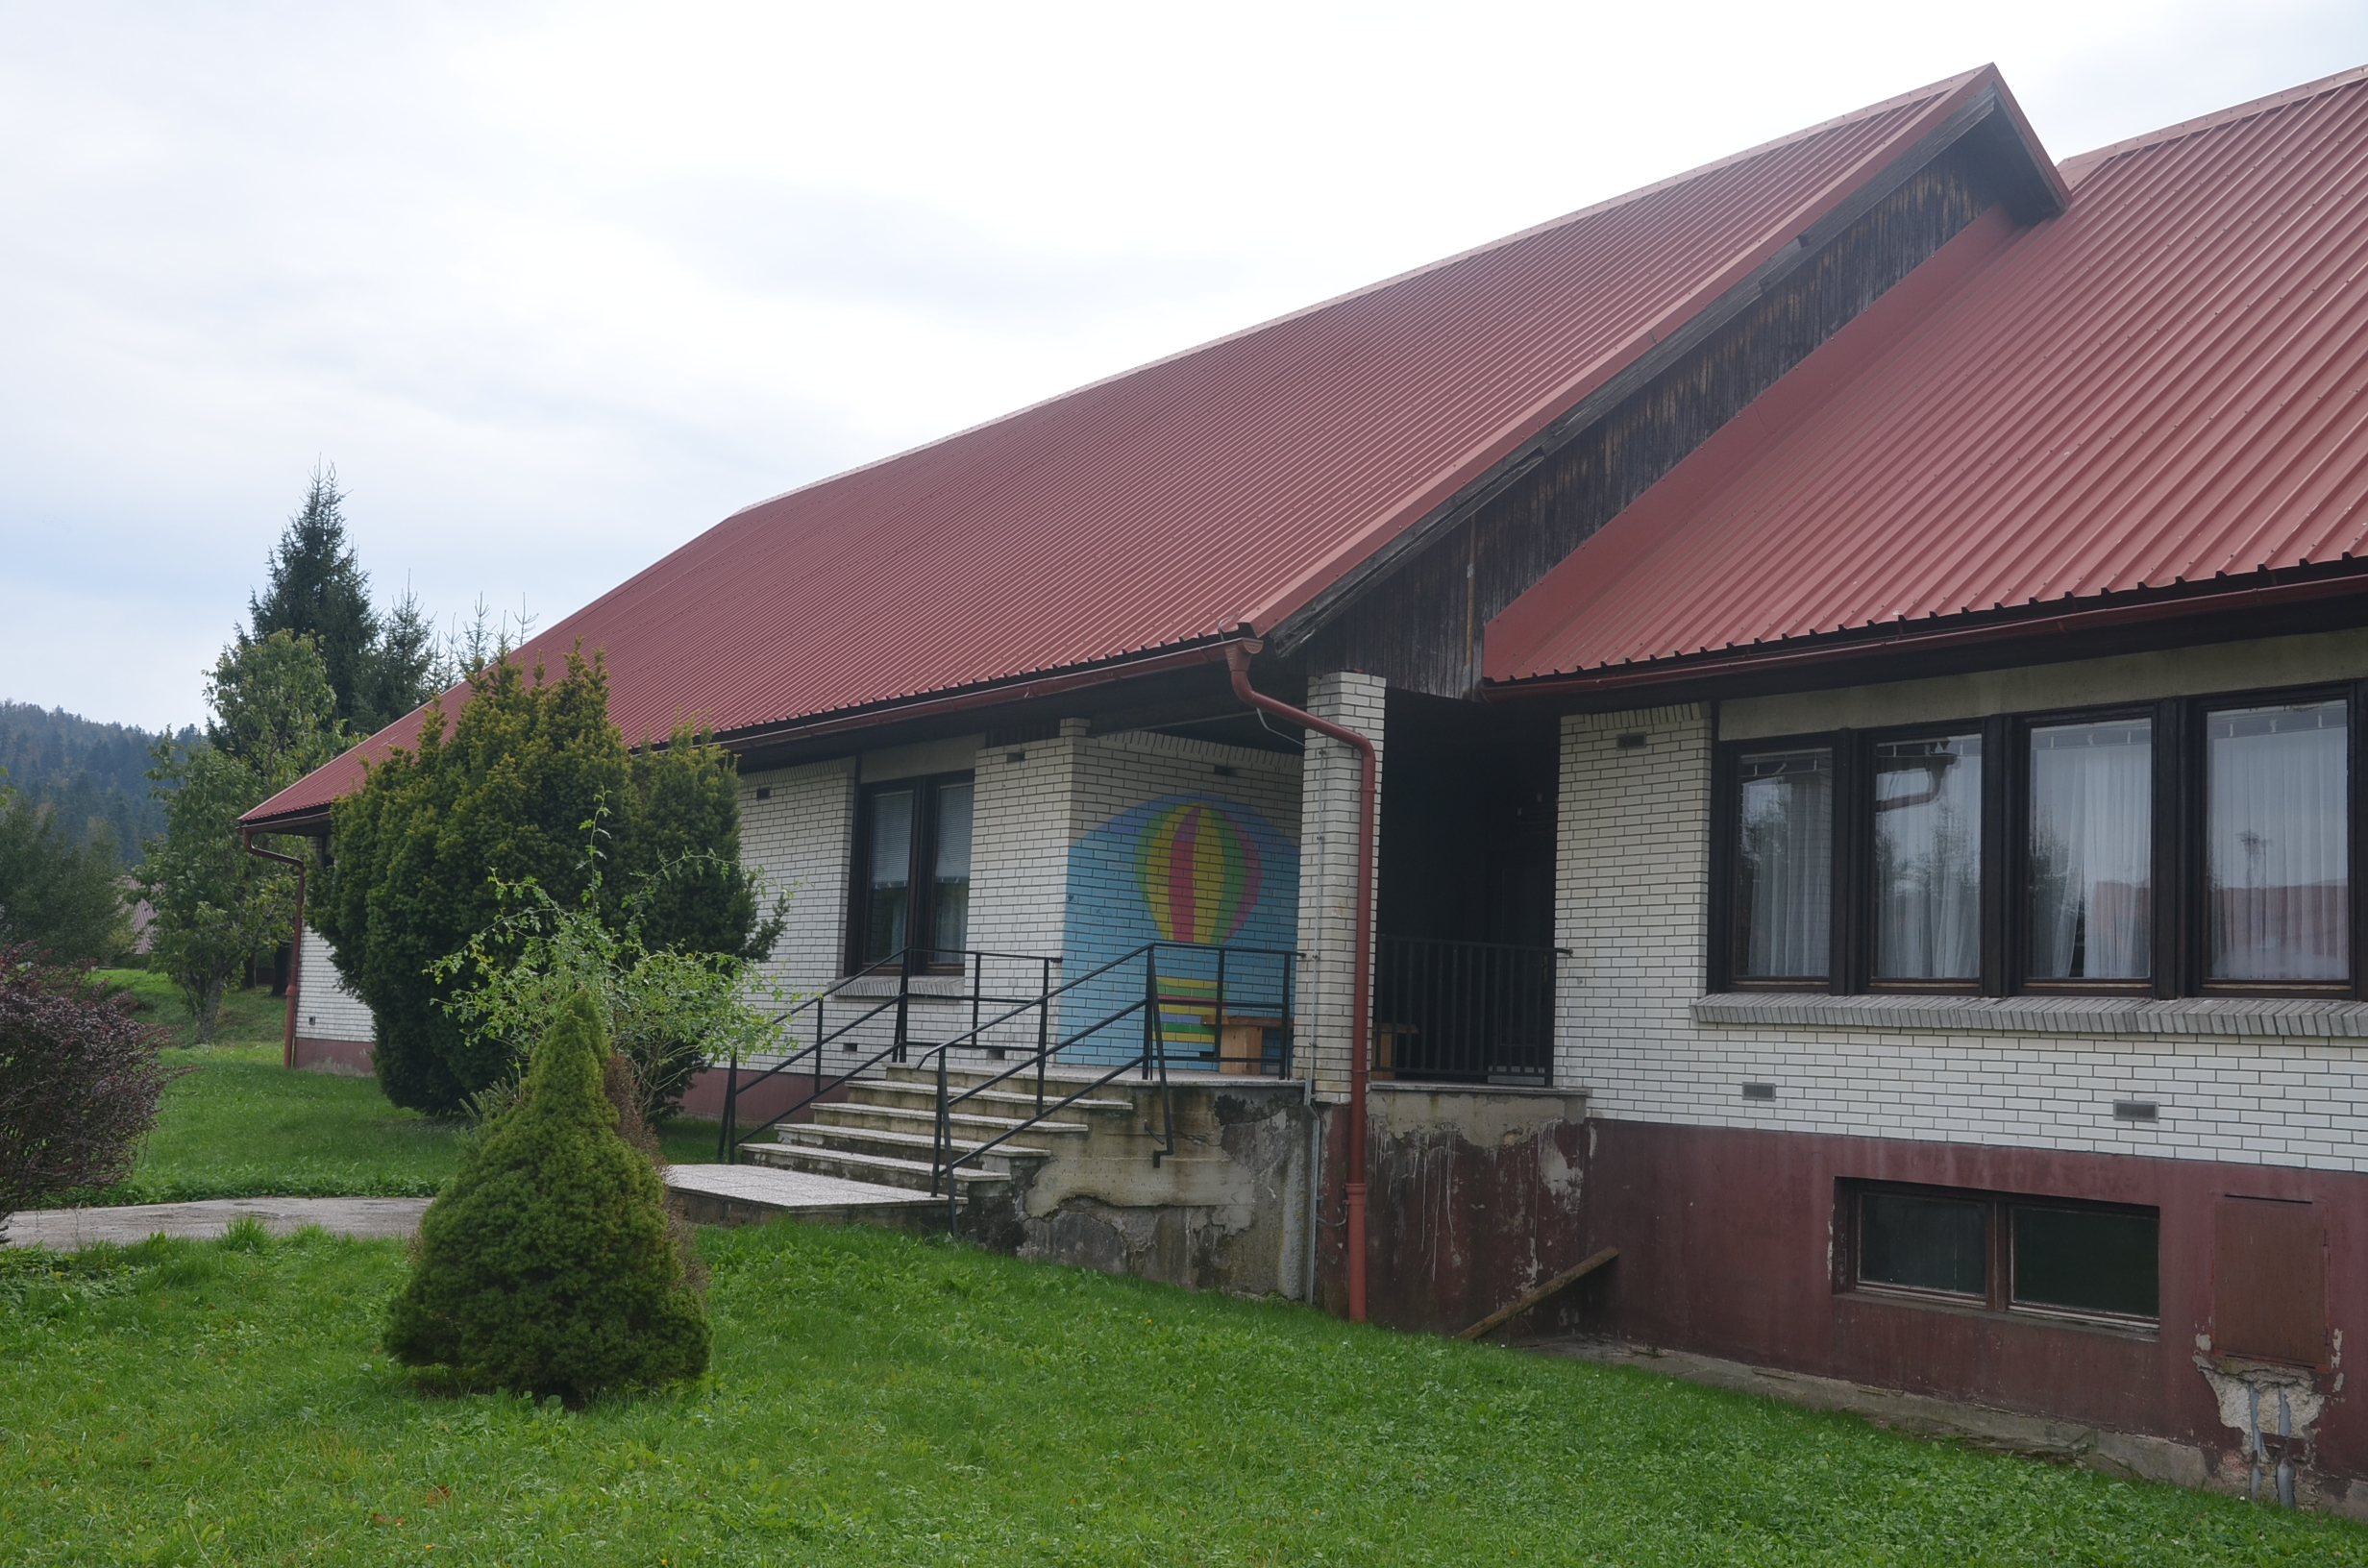 Lokacija predškole u Crnom Lugu / Foto Marinko Krmpotić